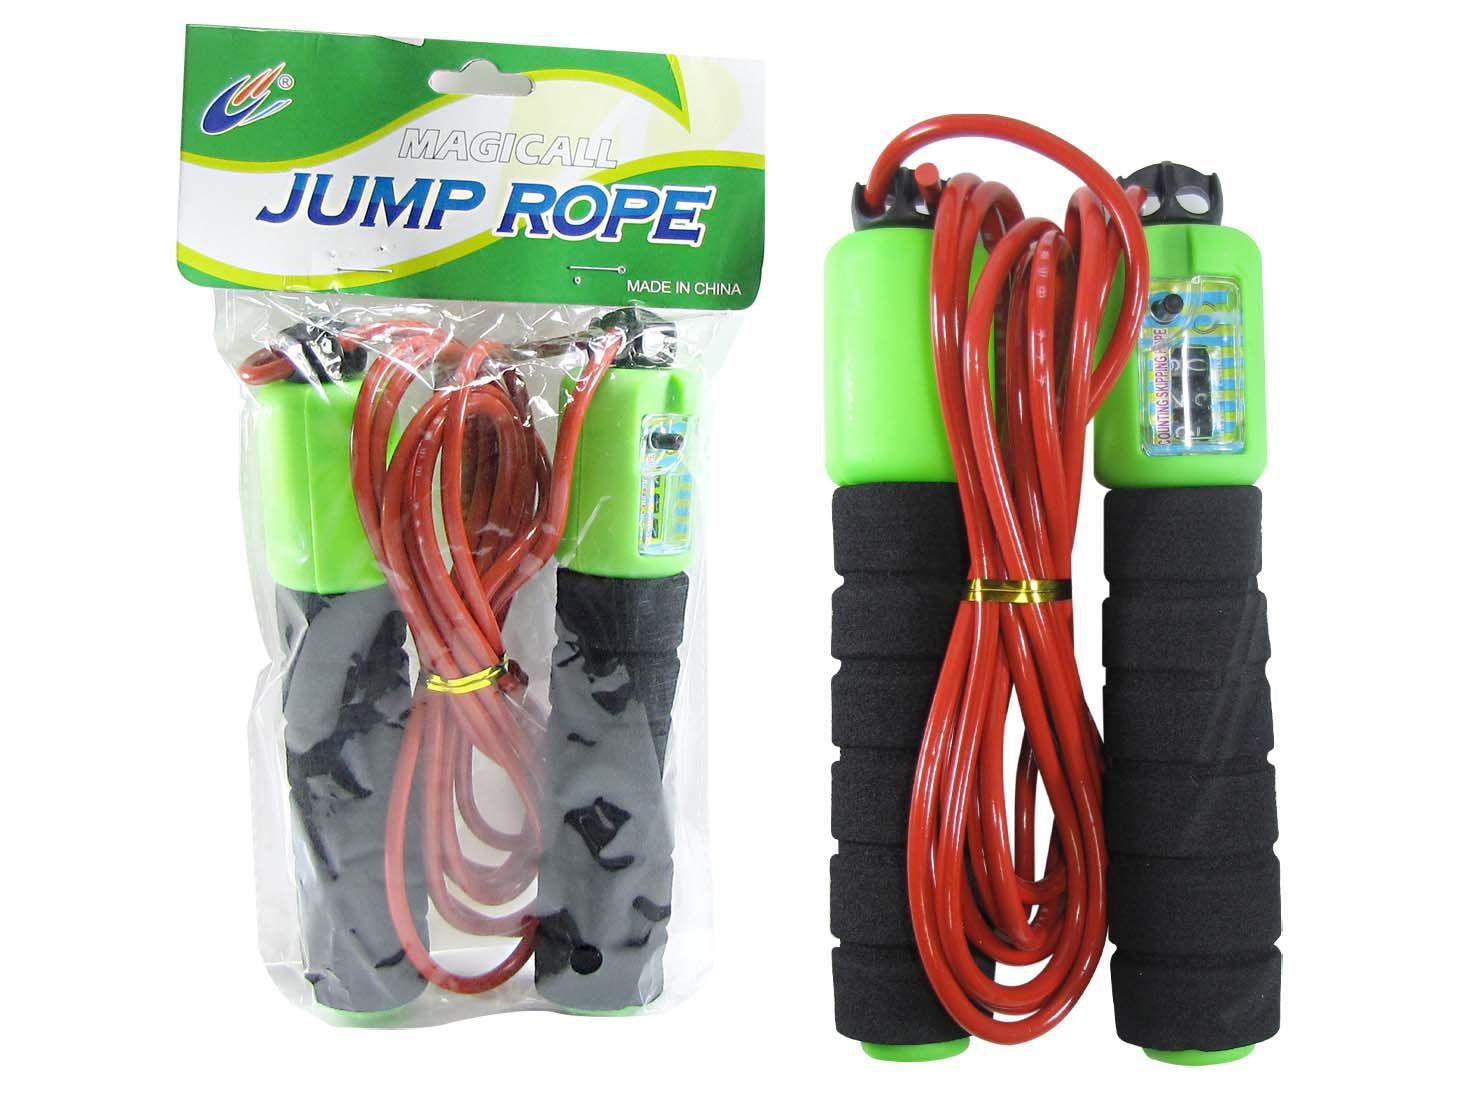 Pula Corda Infantil de Borracha Divertido Jump Rope - D14